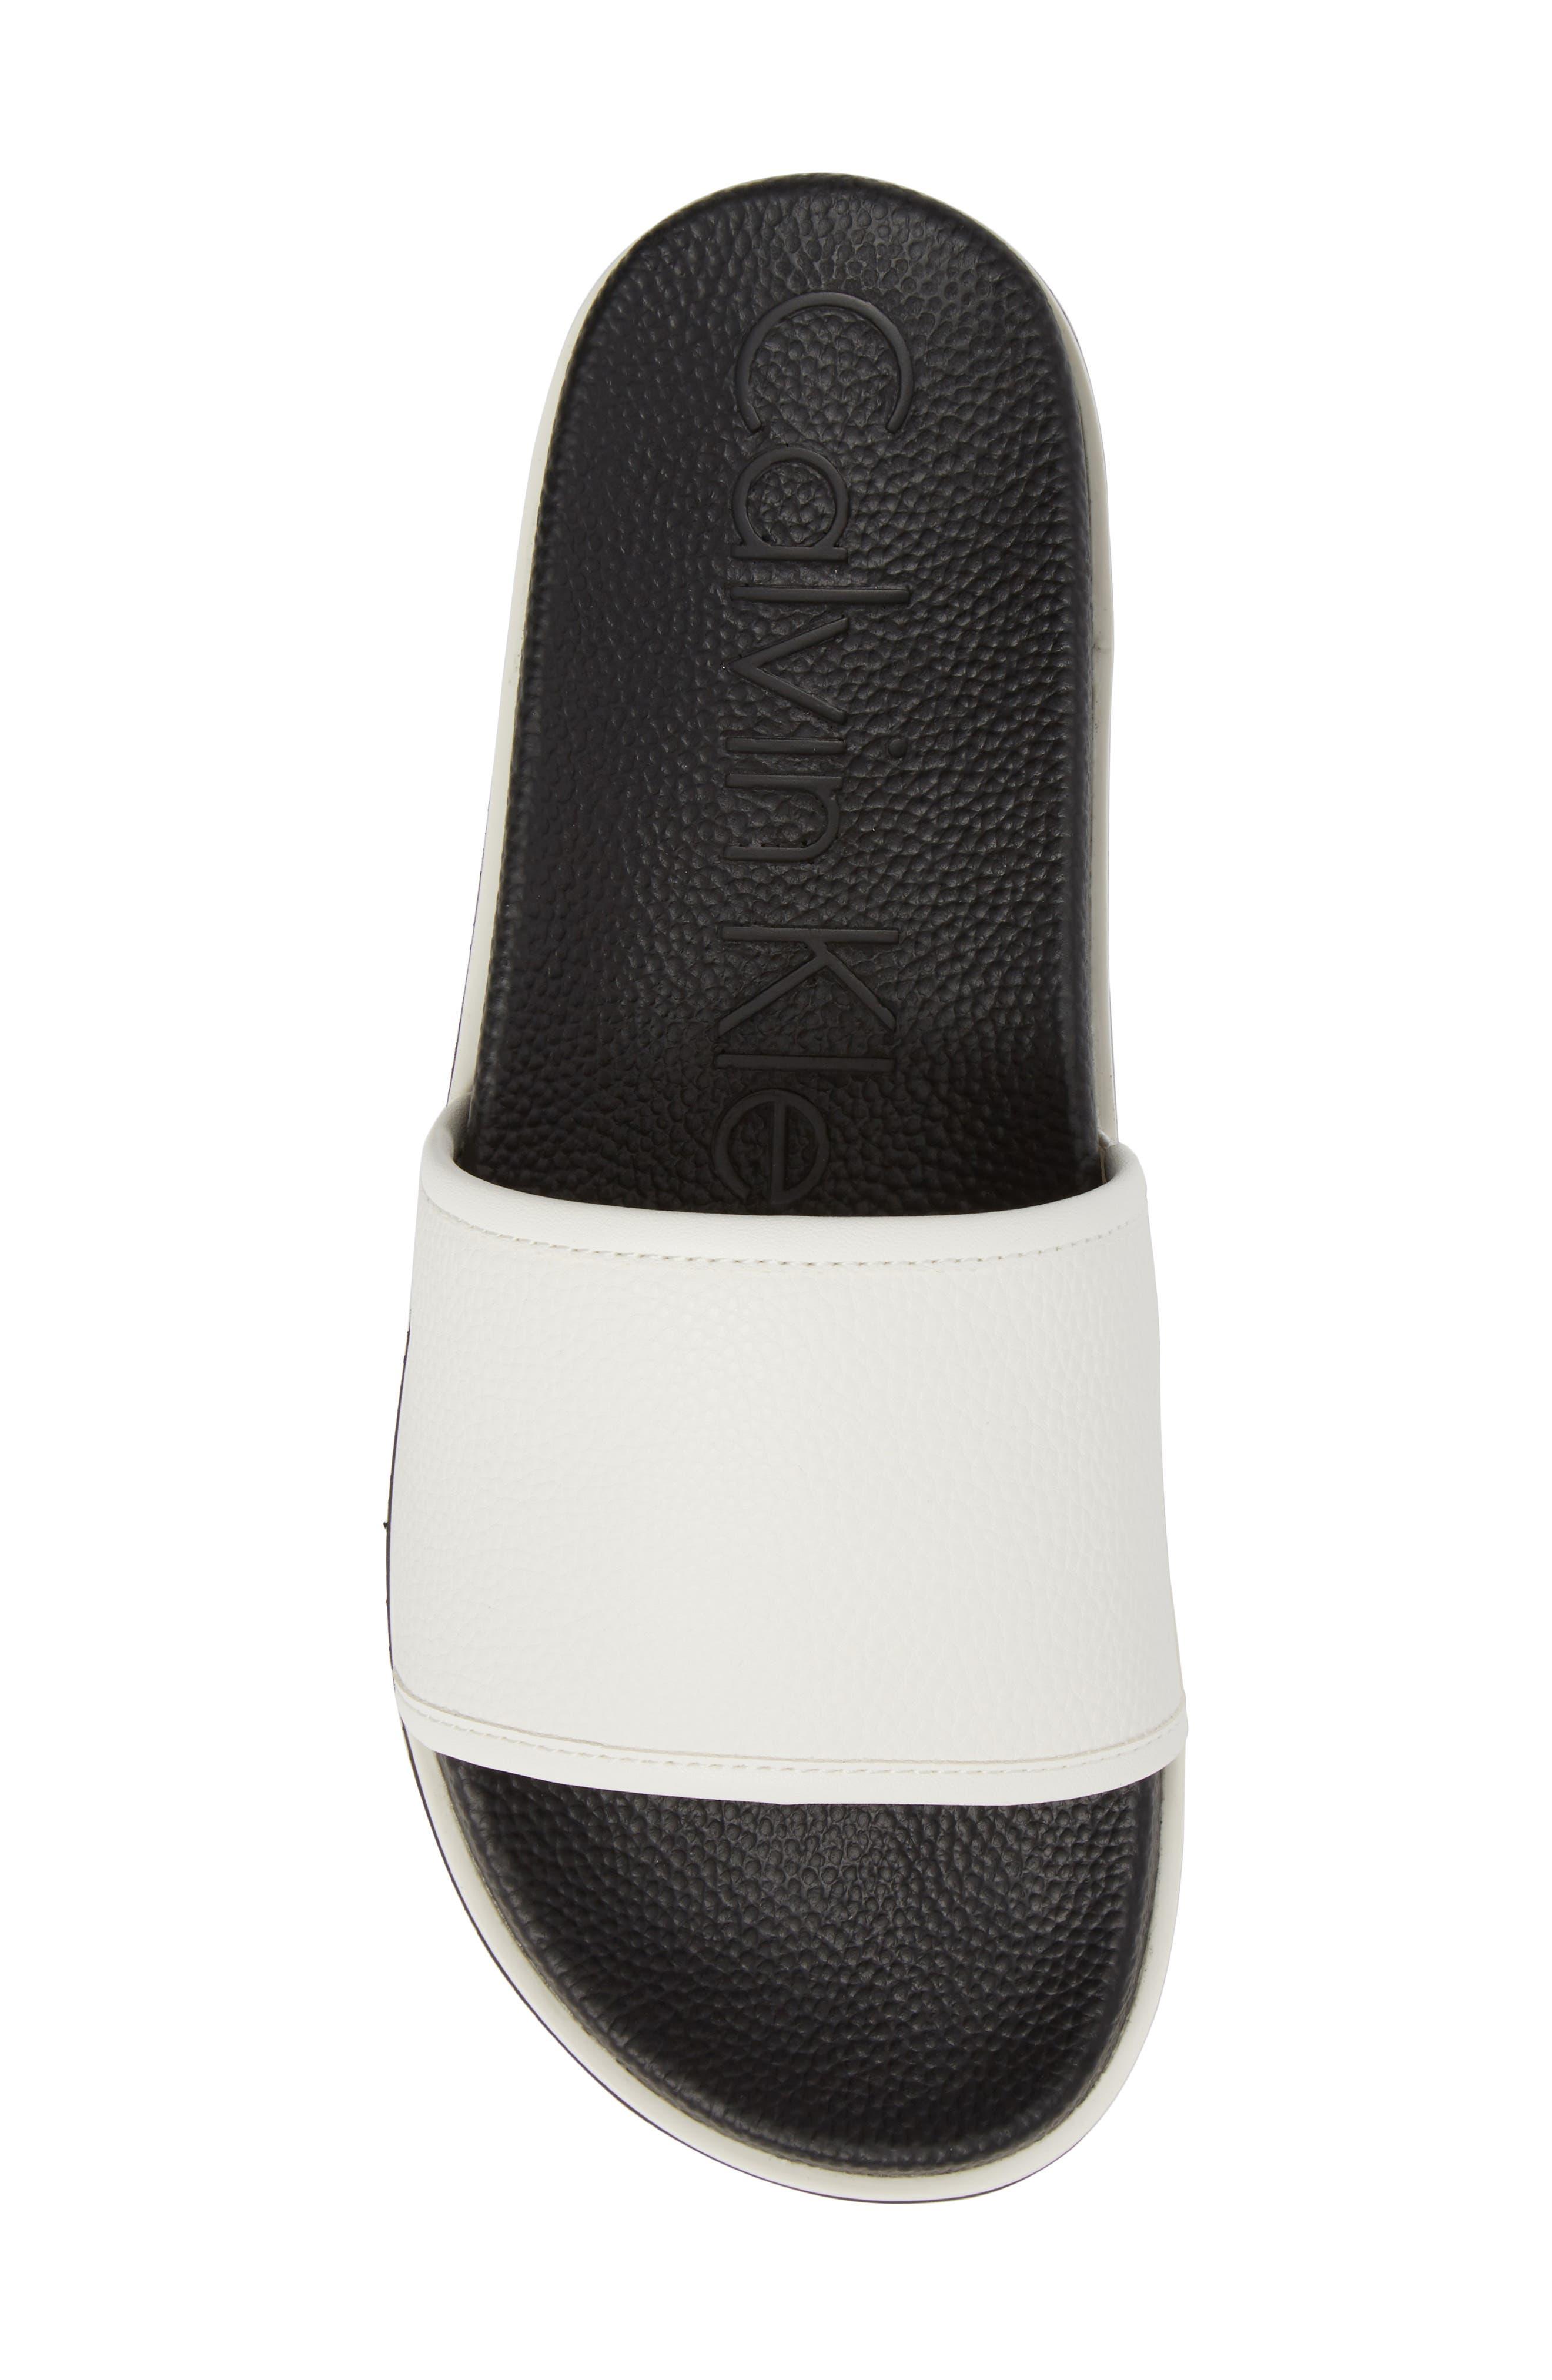 Mackee Sport Slide,                             Alternate thumbnail 5, color,                             White Leather